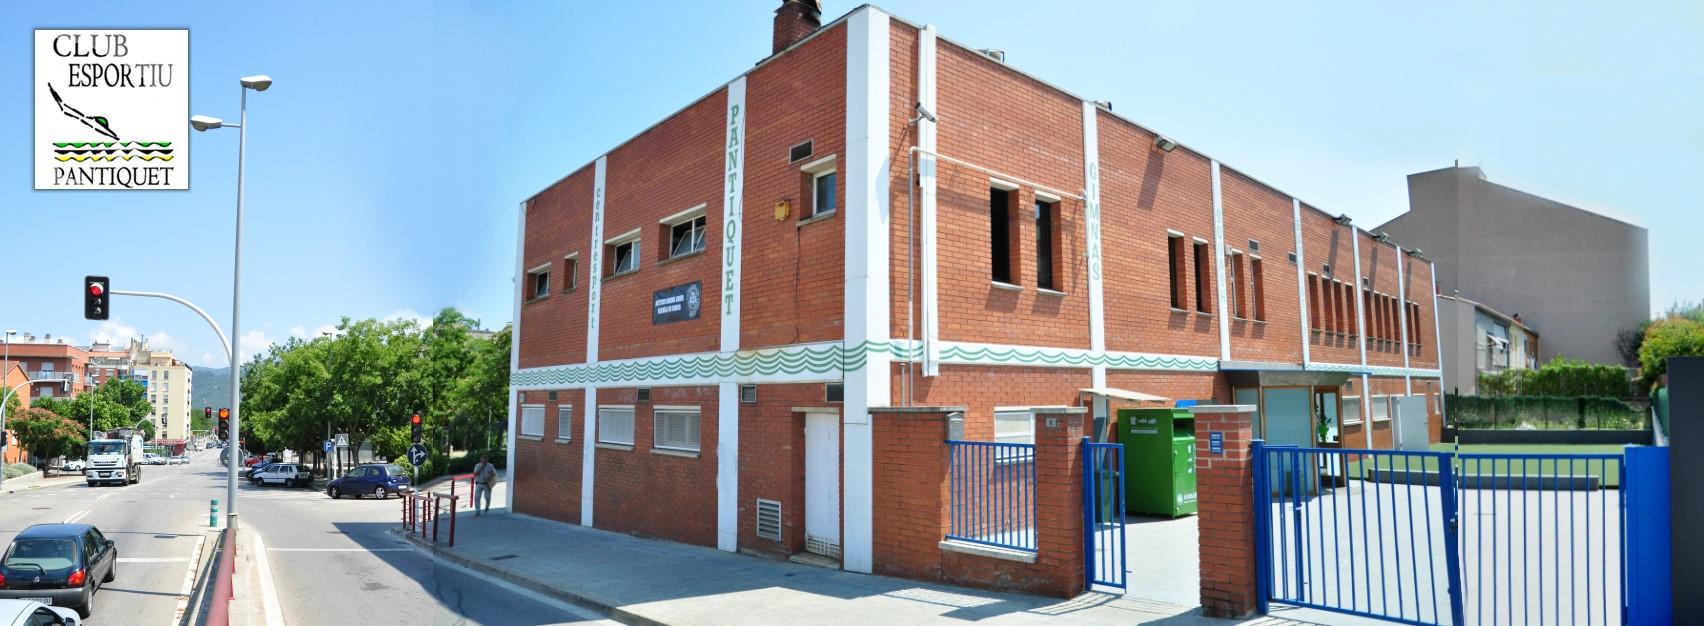 Gimnas Pantiquet, Club Esportiu, Mollet del Valles, Barcelona